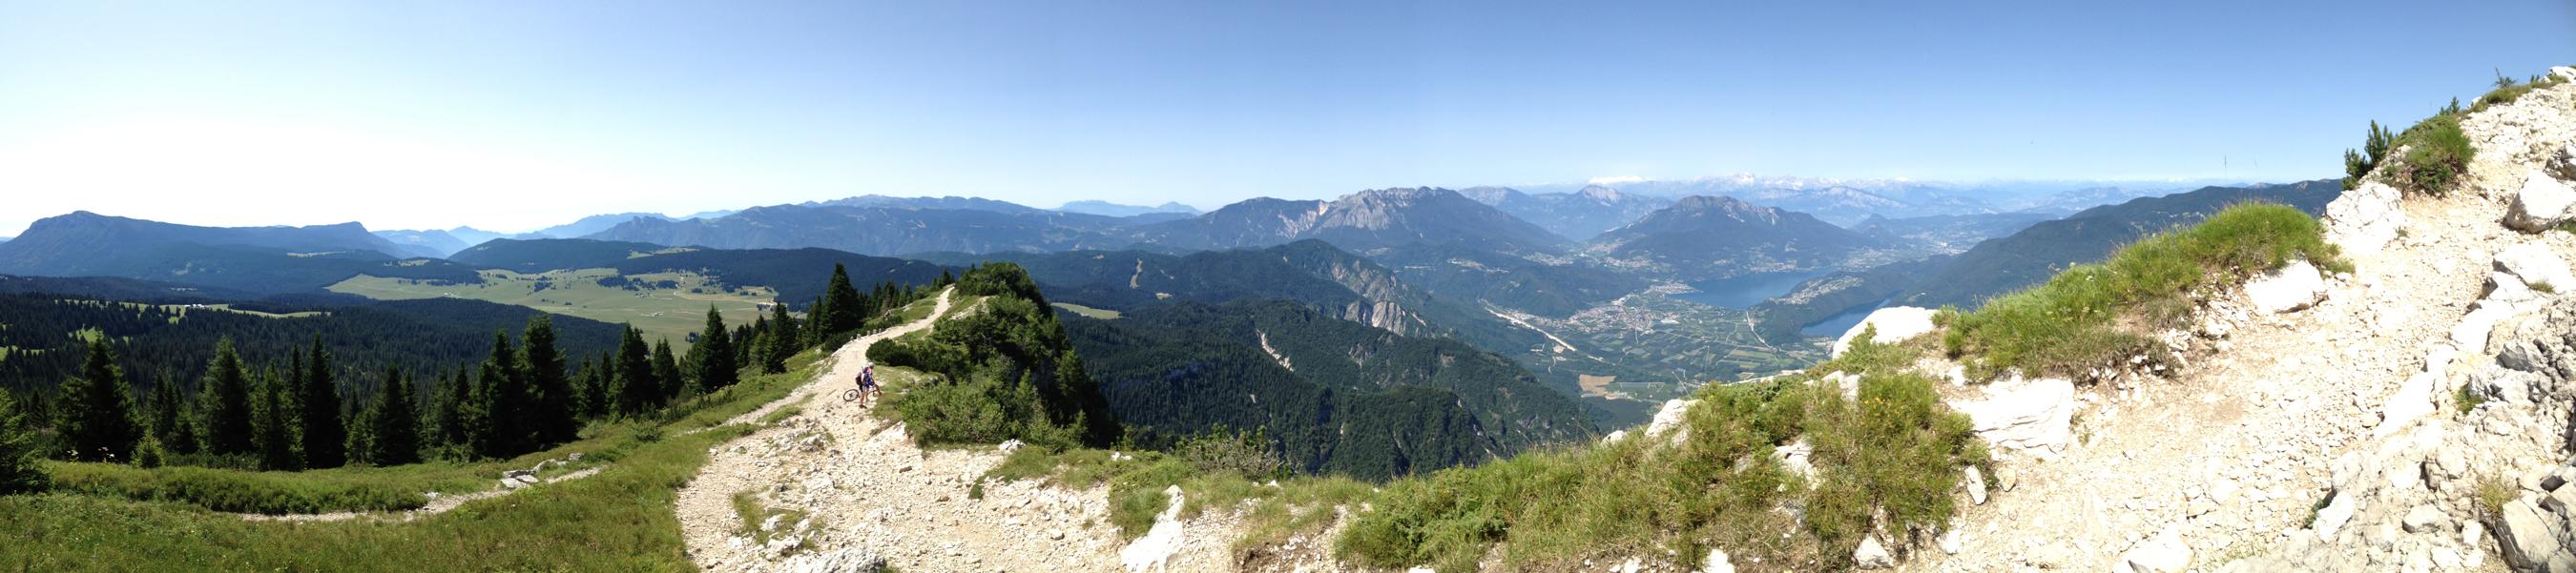 Panoramica vicino alla cima